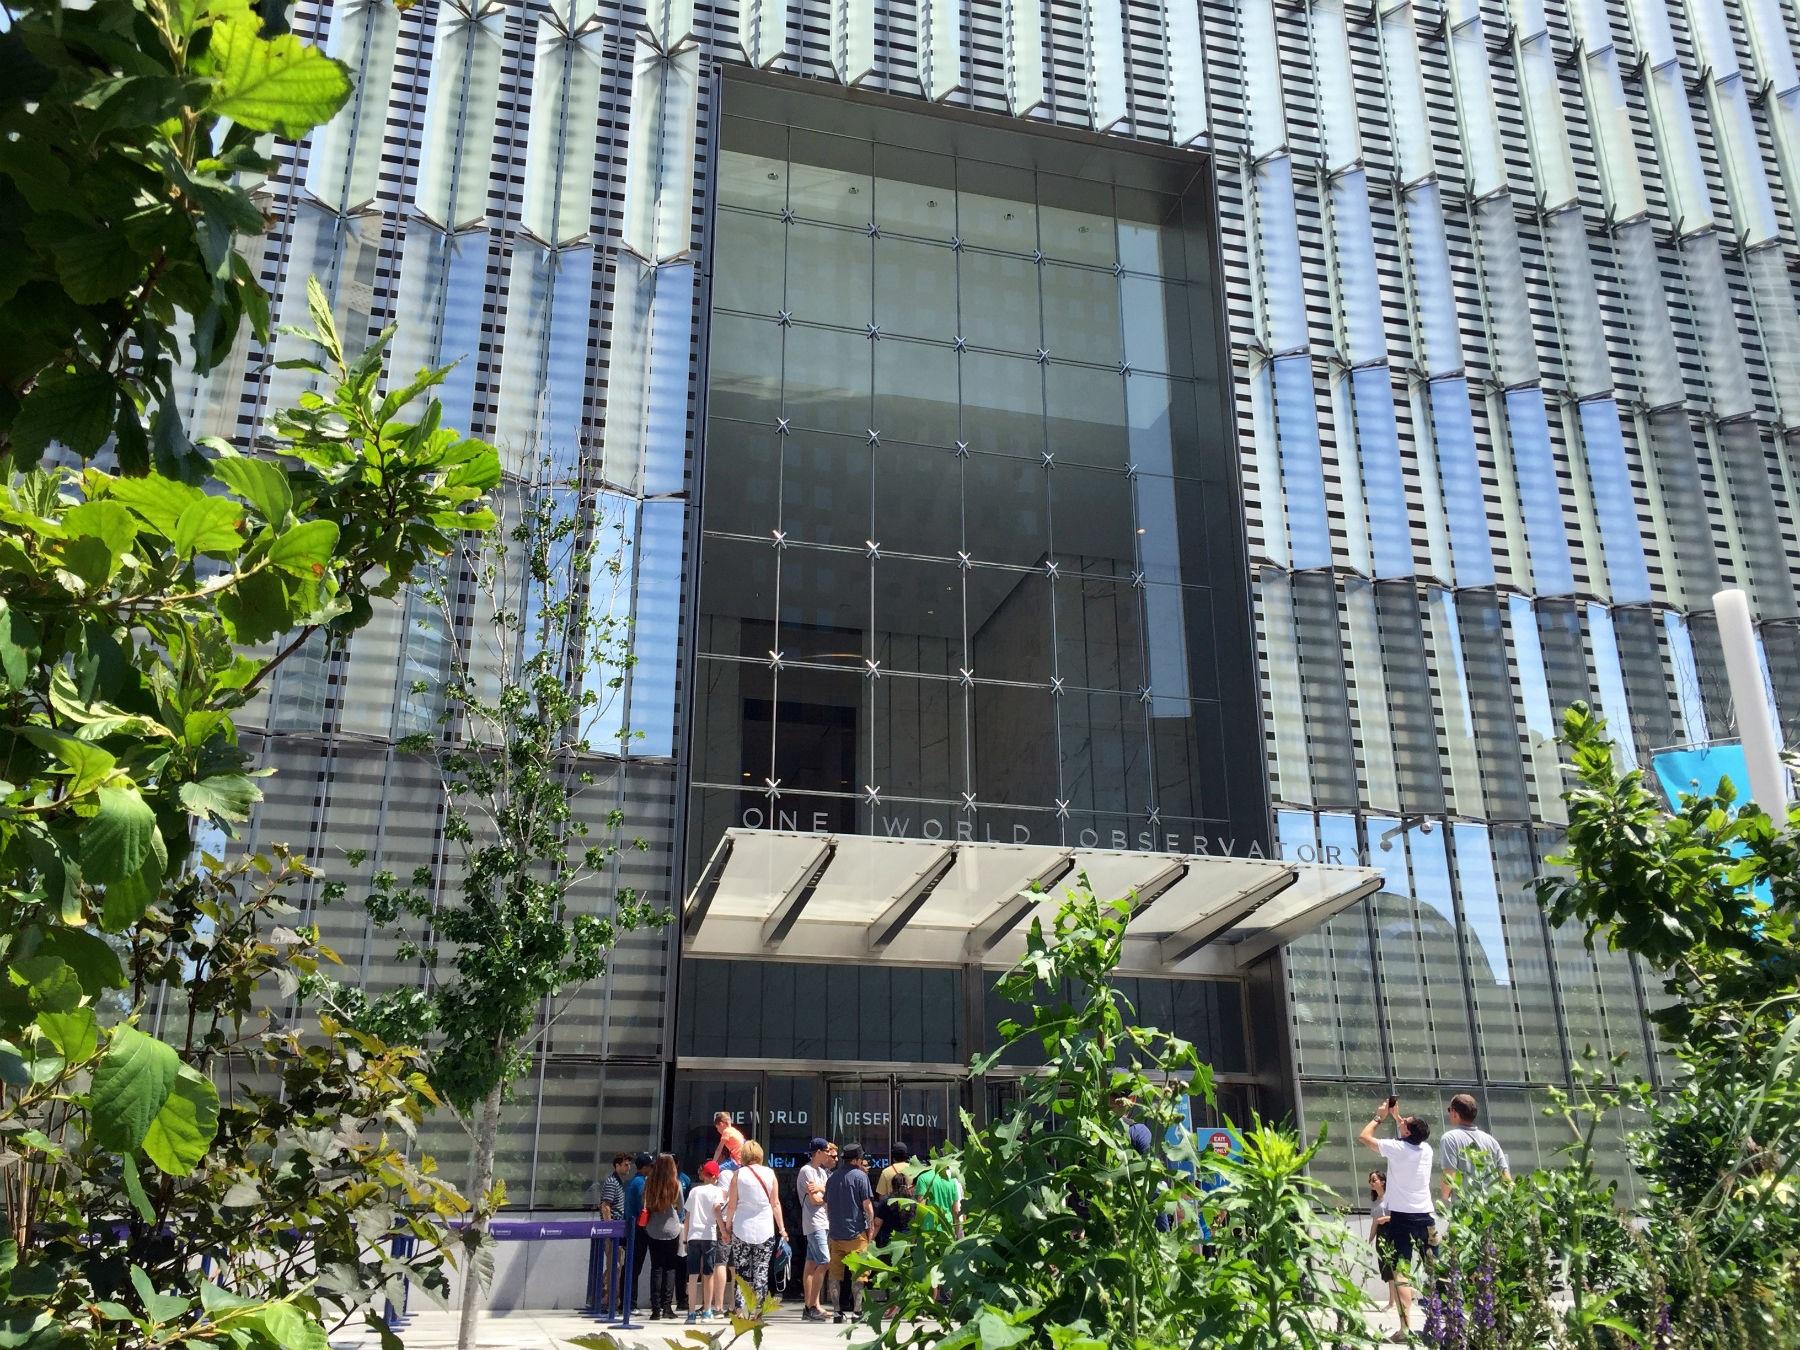 A entrada para o observatório do One World Trade Center. Foto de Carla Lencastre